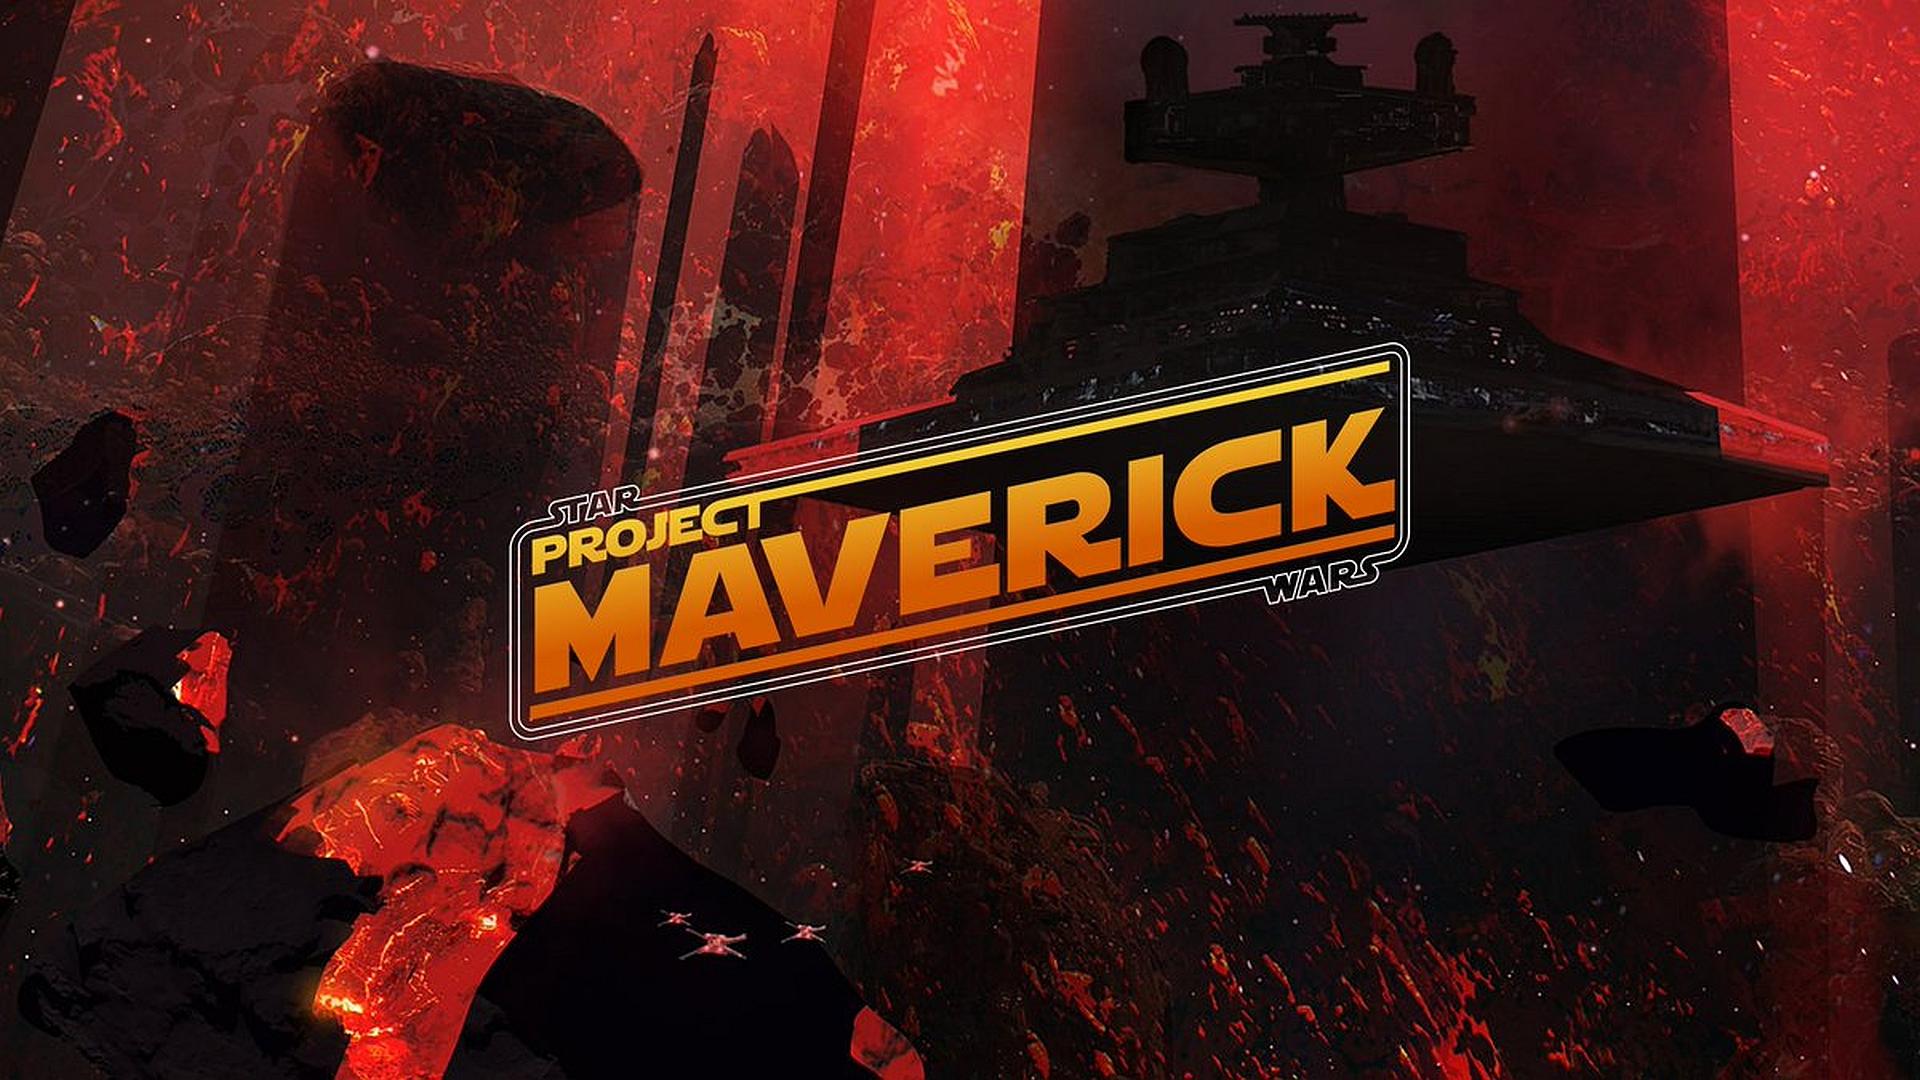 В европейском PlayStation Store обнаружили Star Wars Project Maverick